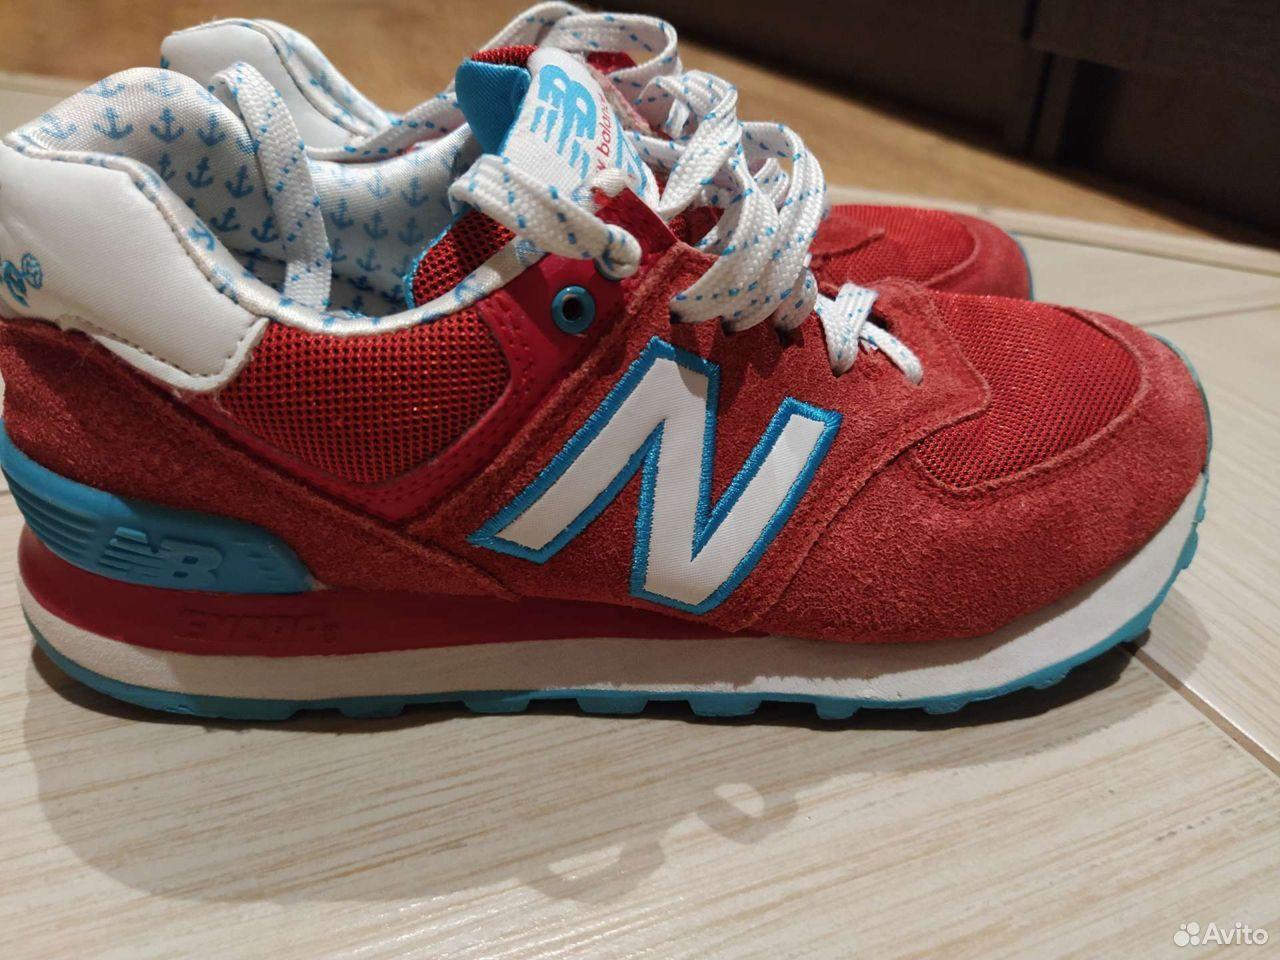 Sneakers  89537151669 köp 1